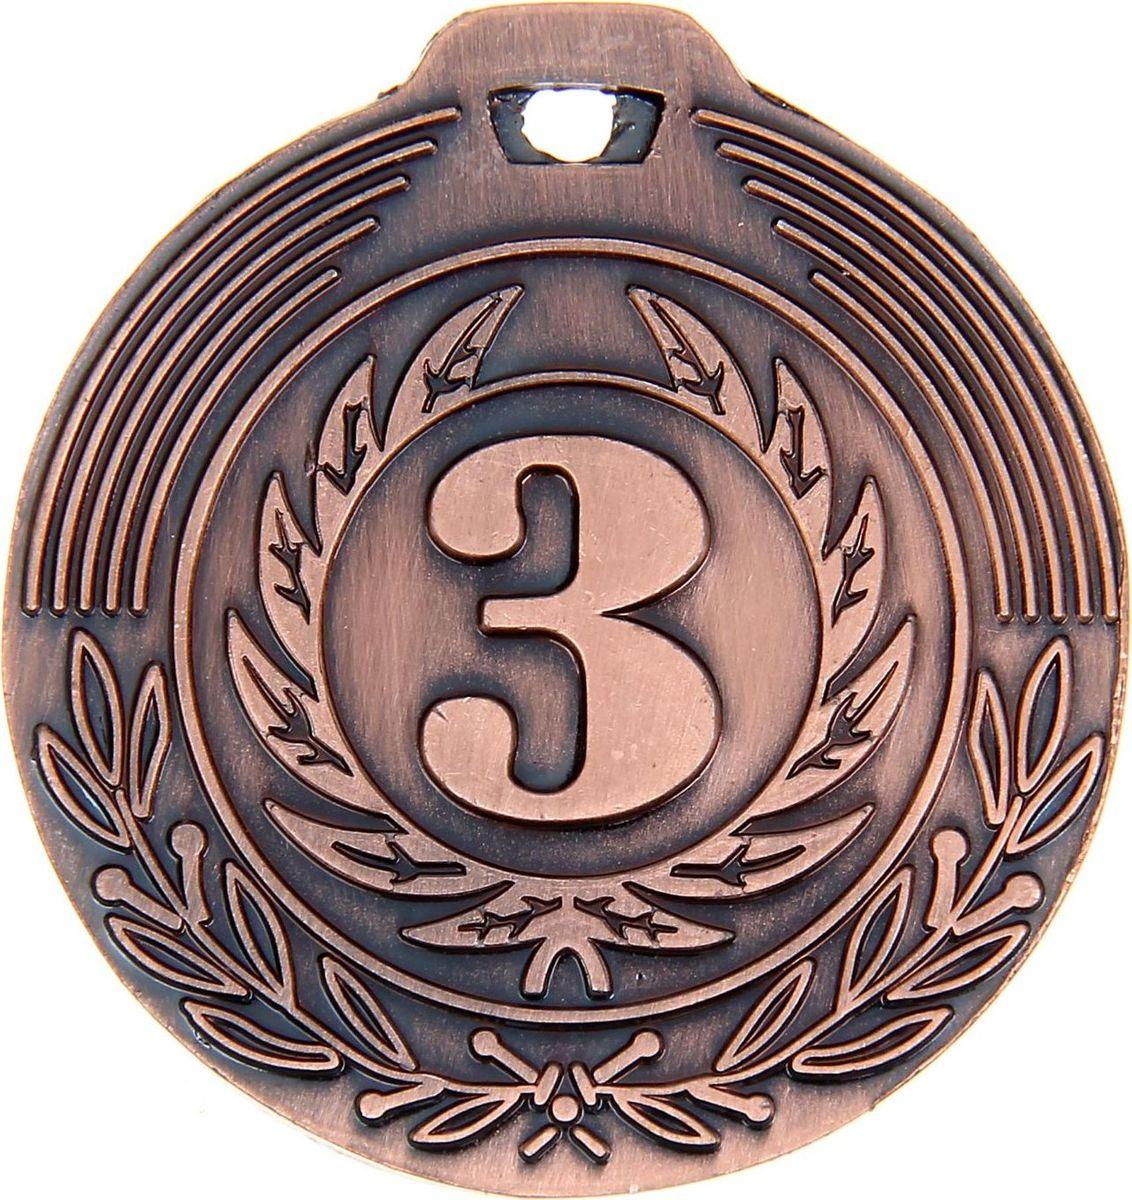 Медаль сувенирная 3 место, цвет: бронзовый, диаметр 4 см. 0211108663Медаль — знак отличия, которым награждают самых достойных. Она вручается лишь тем, кто проявил настойчивость и волю к победе. Каждое достижение — это важное событие, которое должно остаться в памяти на долгие годы. Любое спортивное состязание, профессиональное или среди любителей, любое корпоративное мероприятие — отличный повод для того, чтобы отметить лучших из лучших. Характеристики:Диаметр медали: 4 см Диаметр вкладыша (оборот): 3 см.